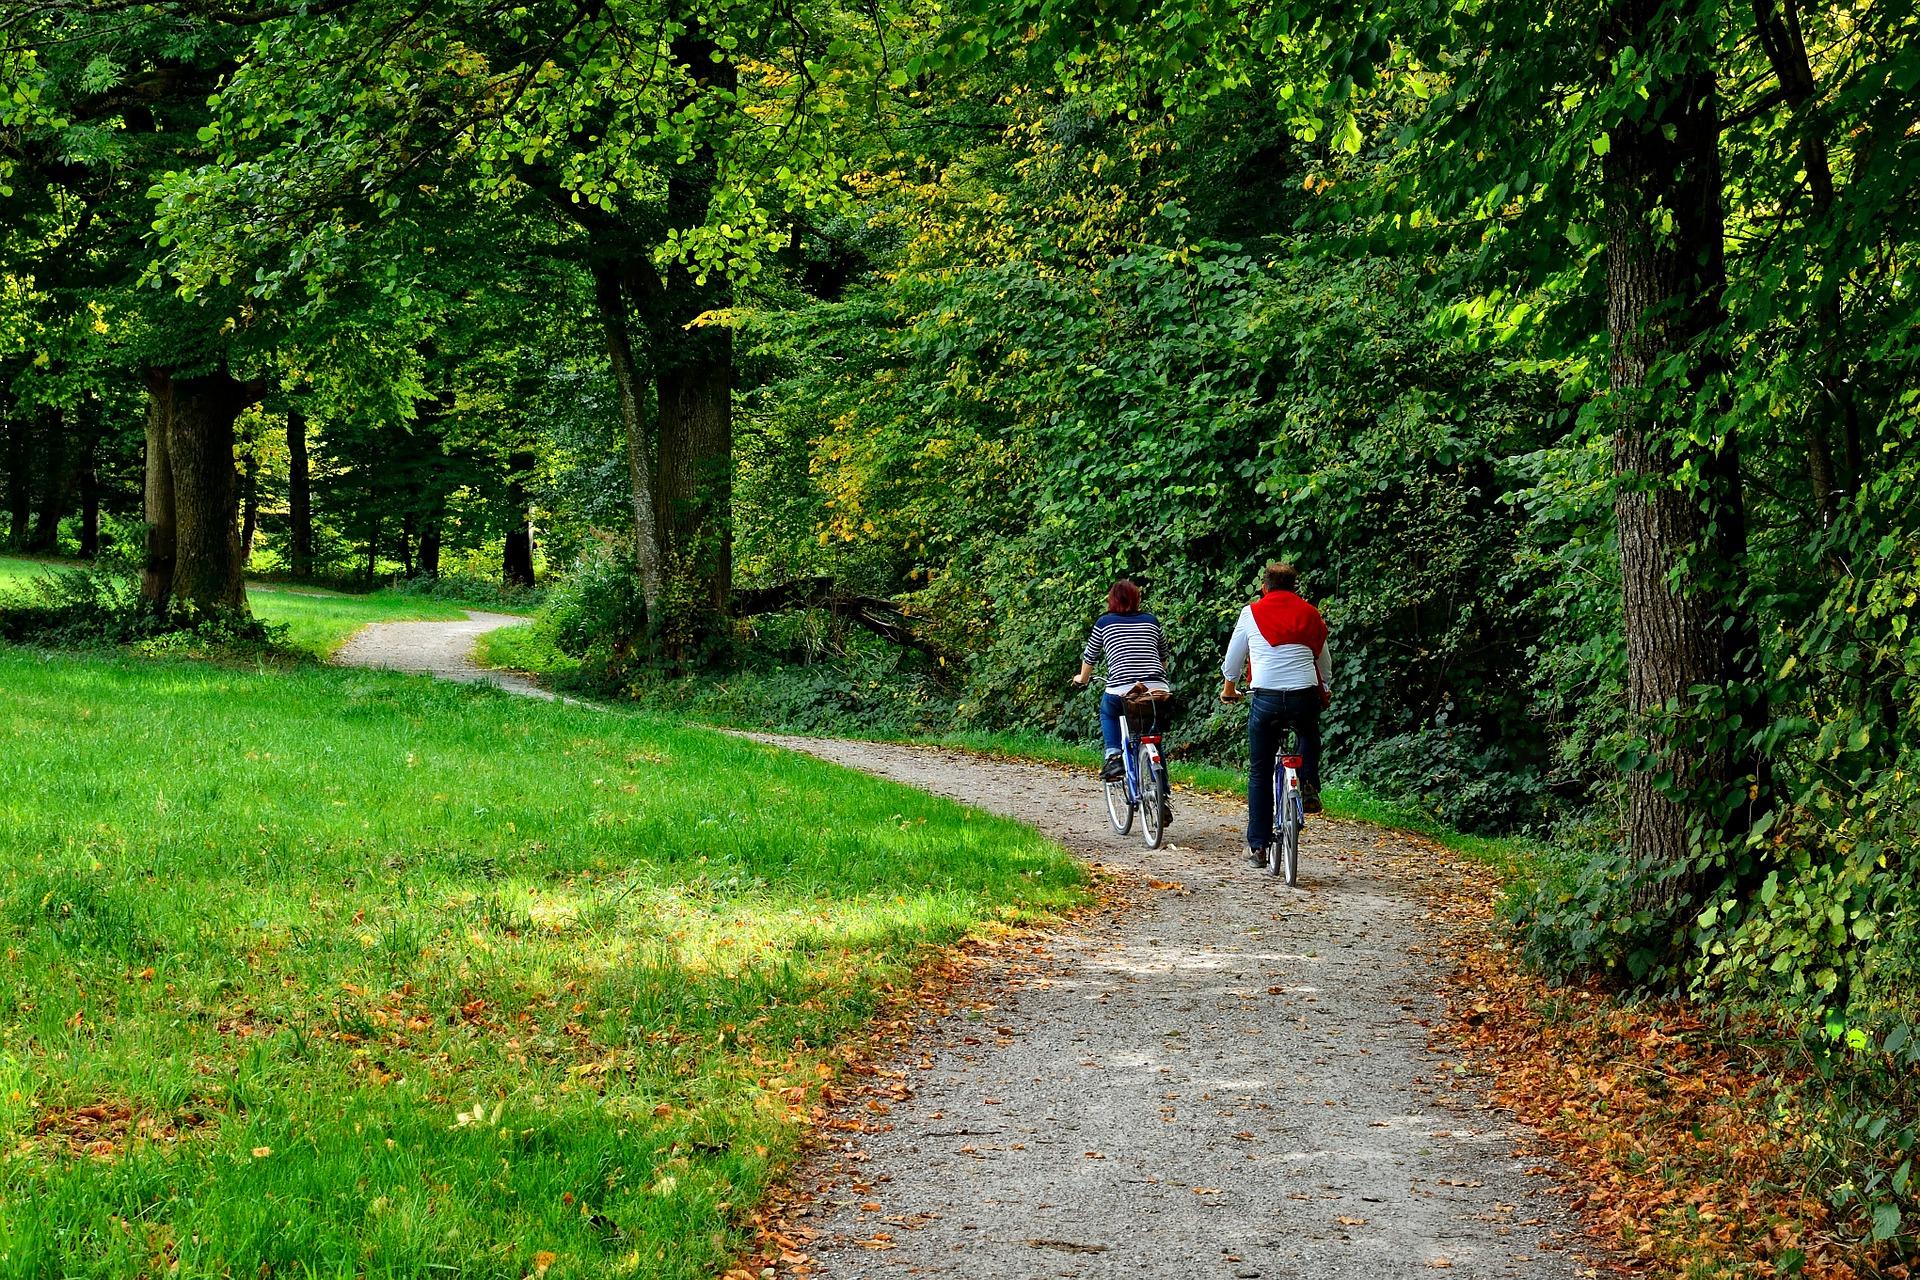 rowerzyści wjeżdżają do lasu